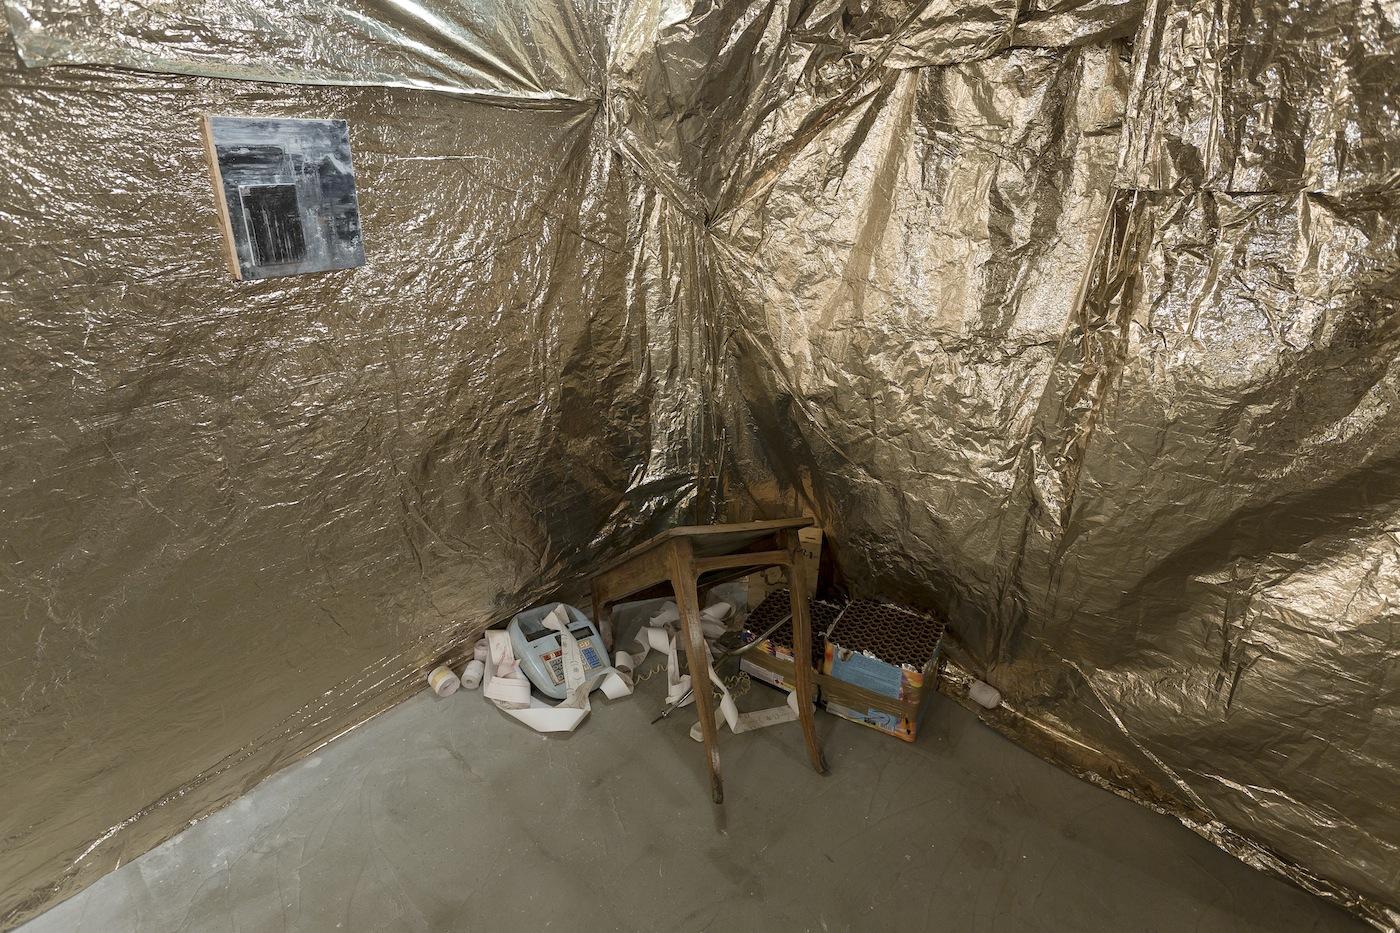 Lapo Simeoni, Grotta, veduta della mostra, Intragallery, Napoli